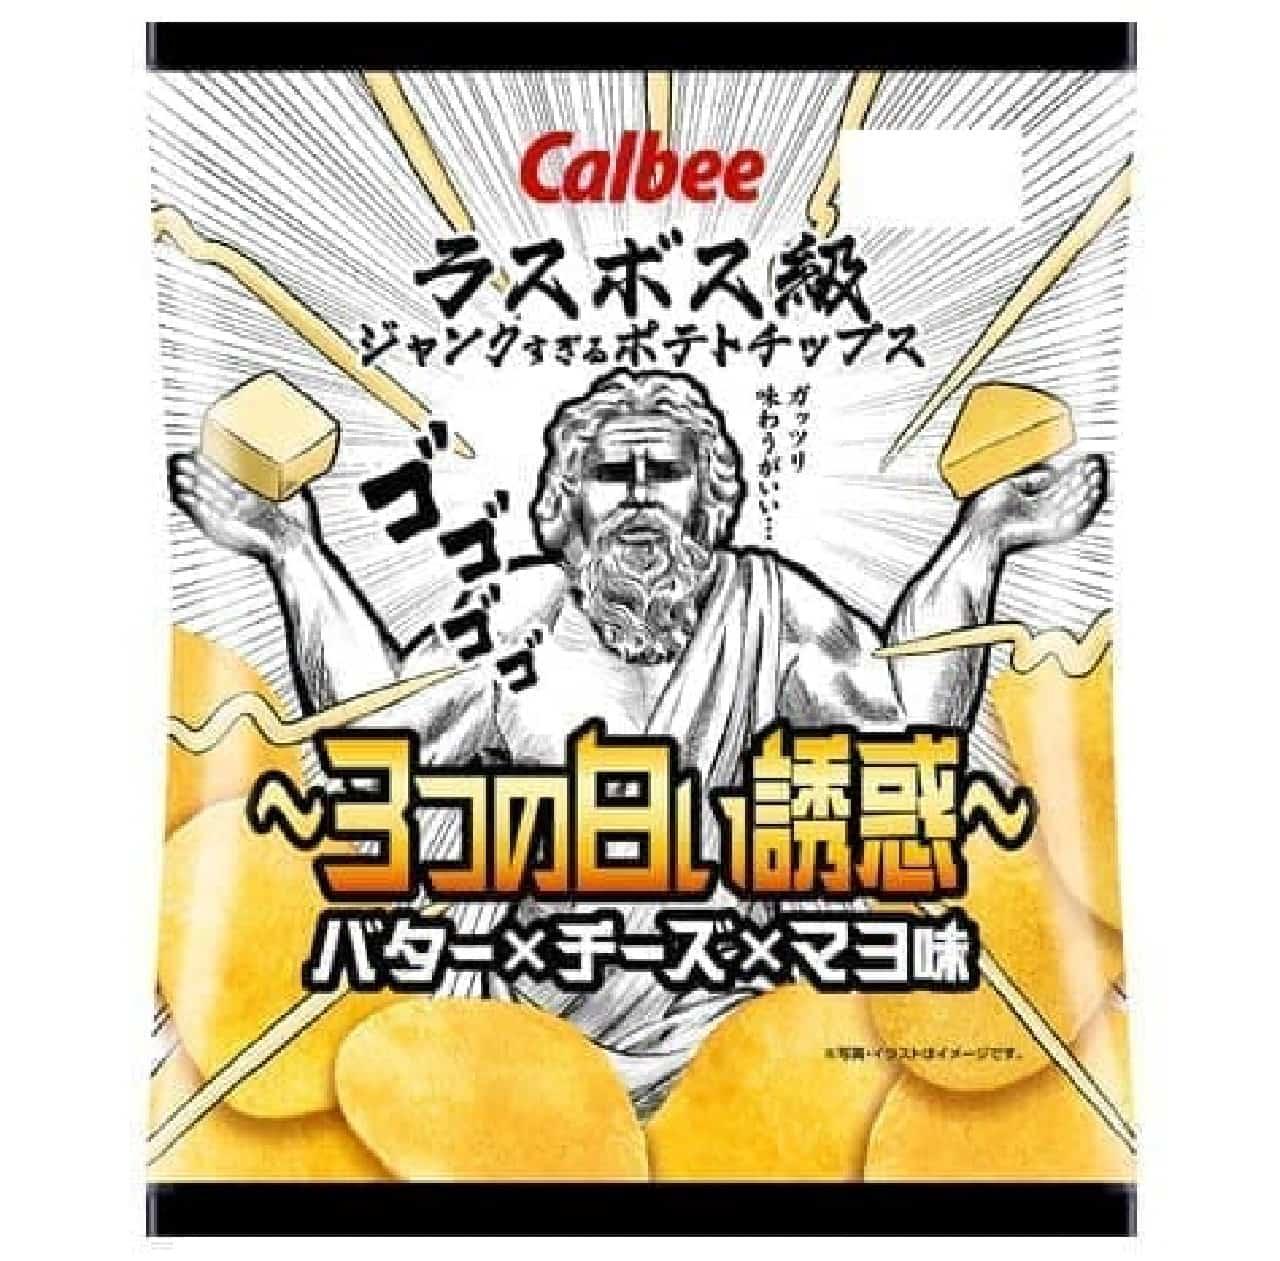 ファミリーマート限定「ポテトチップス バター×チーズ×マヨ味」